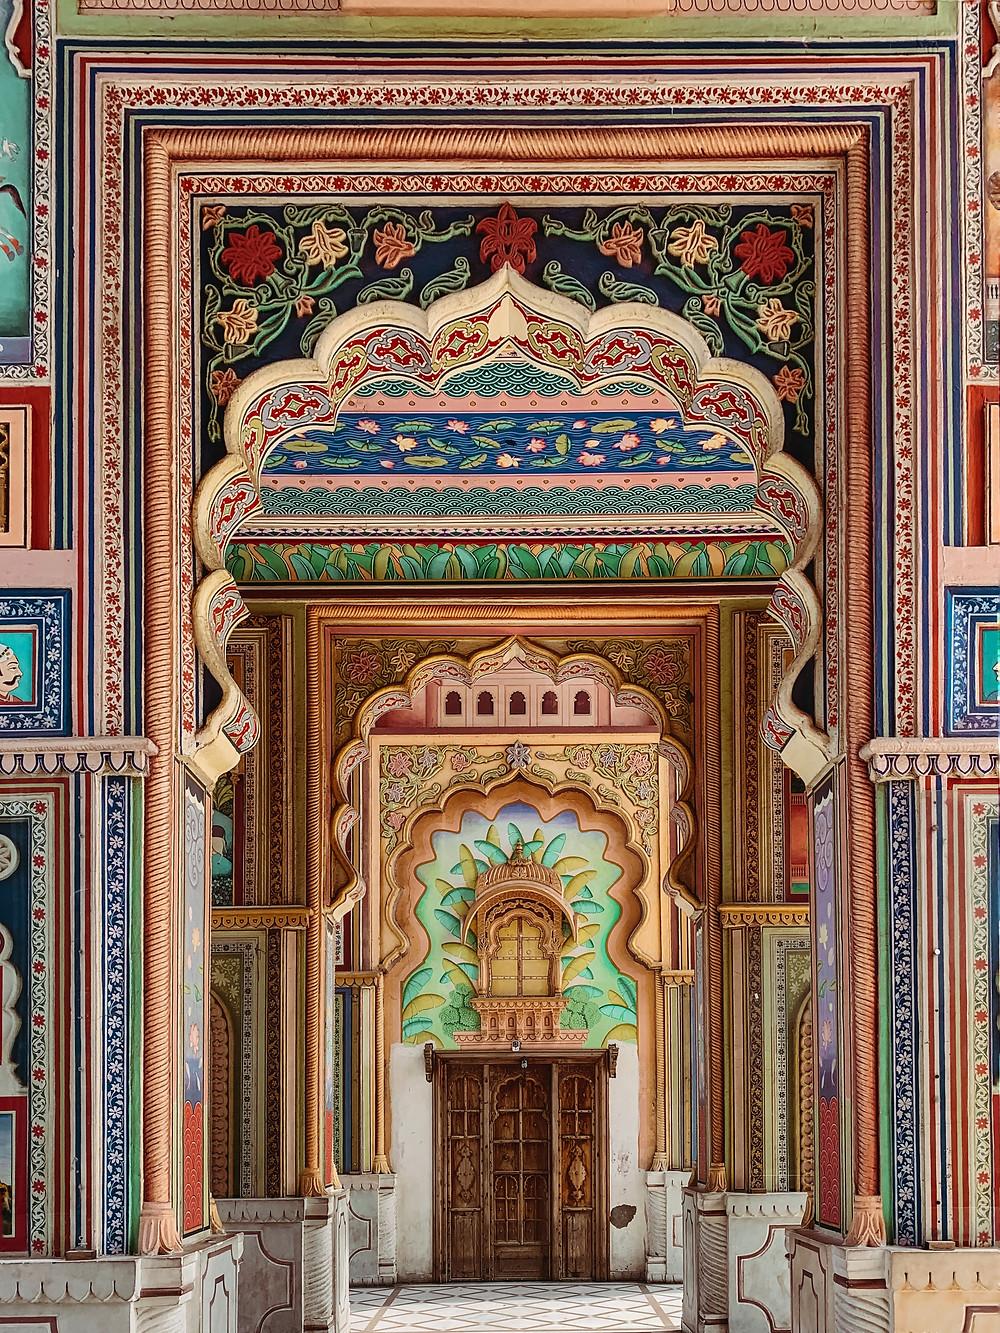 Patrika Gate Jaipur, Patrika Gate wiki, Patrika Gate Jaipur History, Patrika Gate Jaipur entry fee, free things to do in Jaipur, instagrammable places in Jaipur